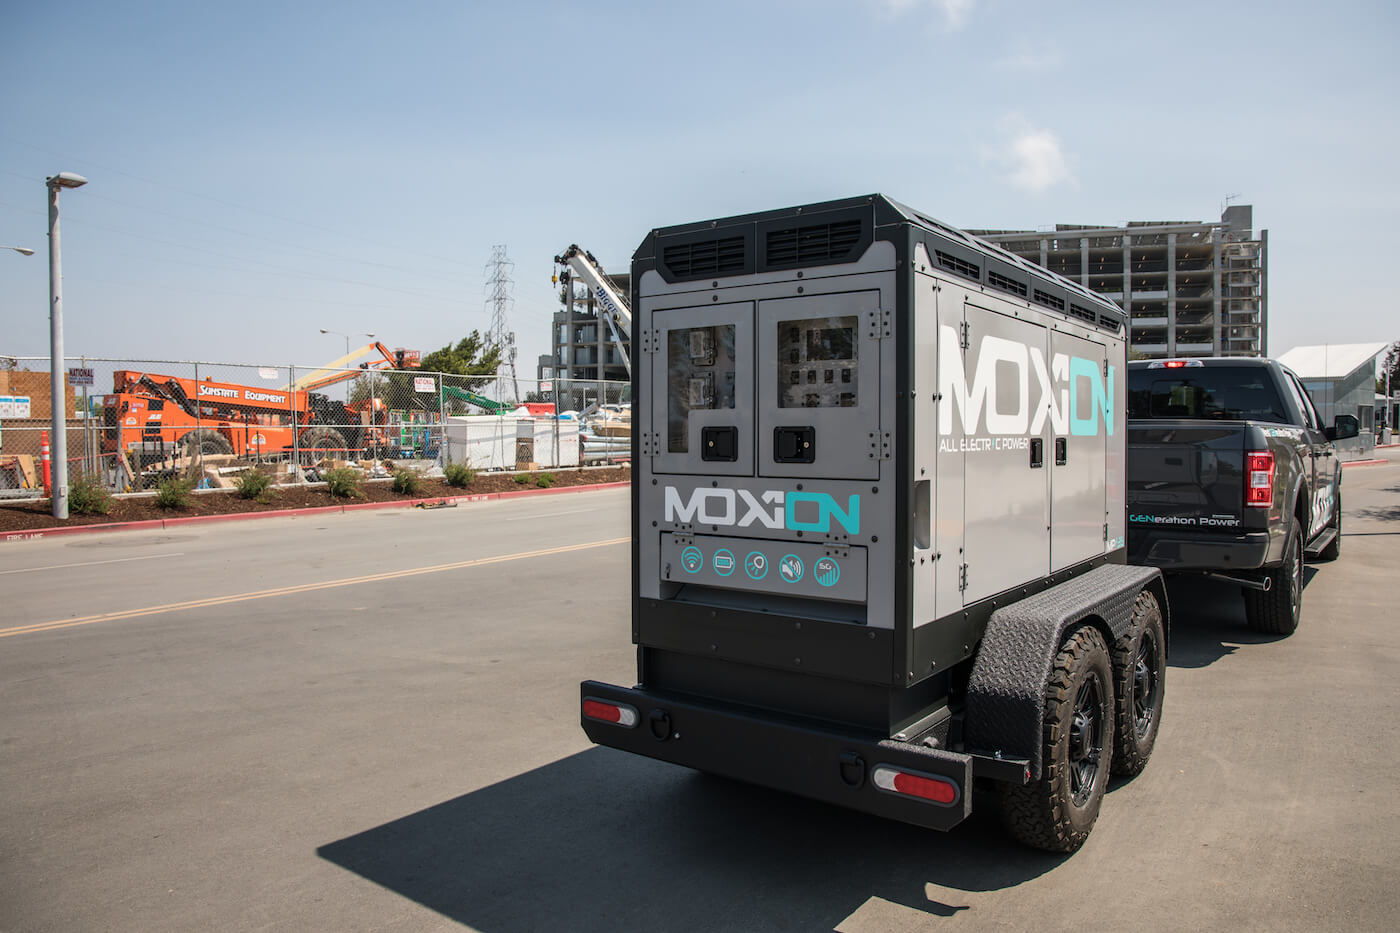 Moxion Power Car